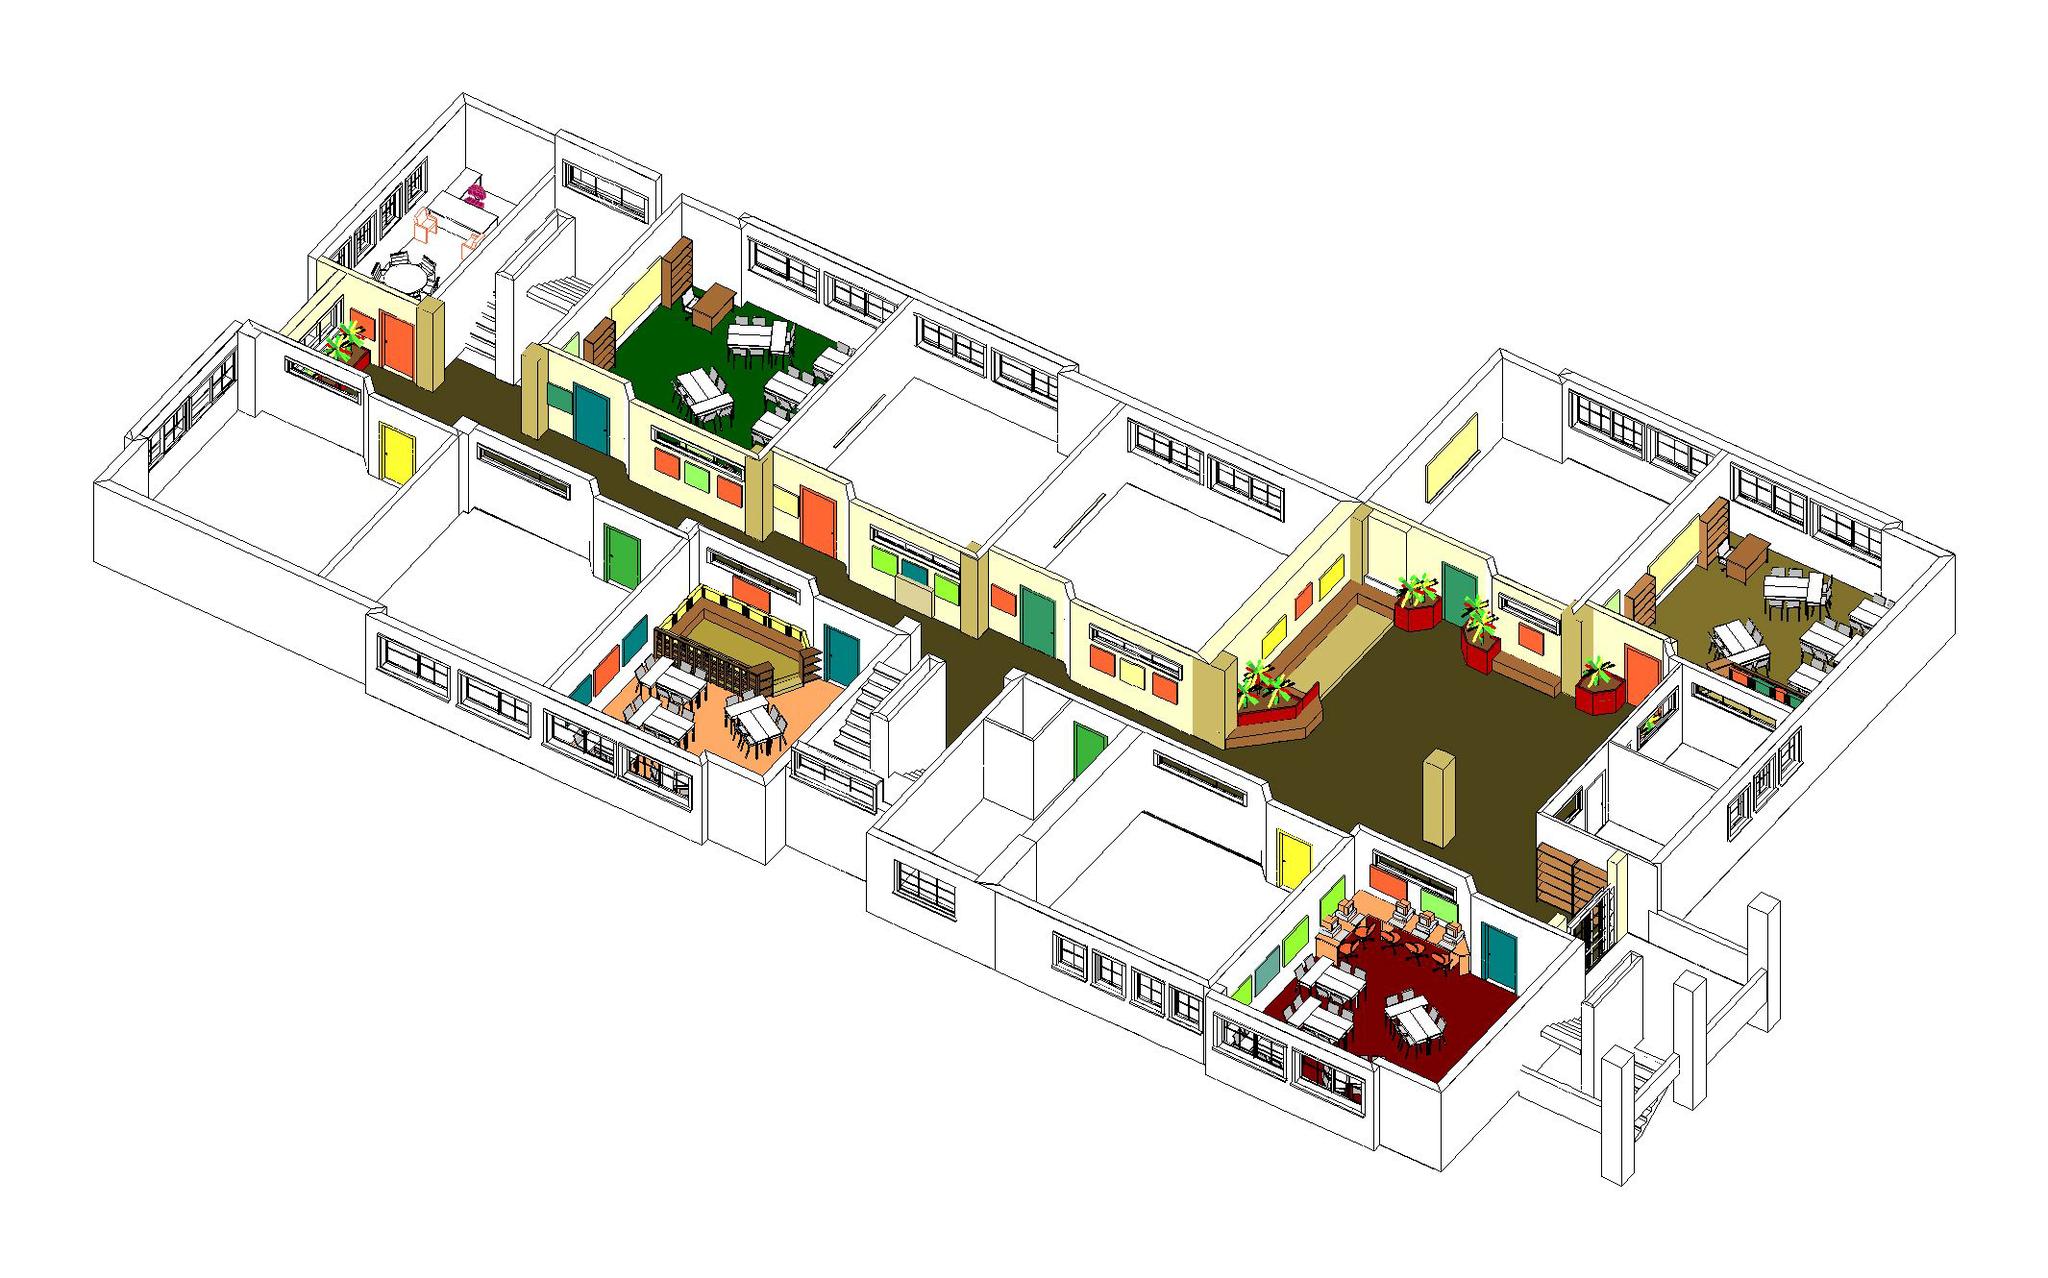 Le hall et le couloir du niveau 2 devenus espace d'expositions et d'activités artistiques